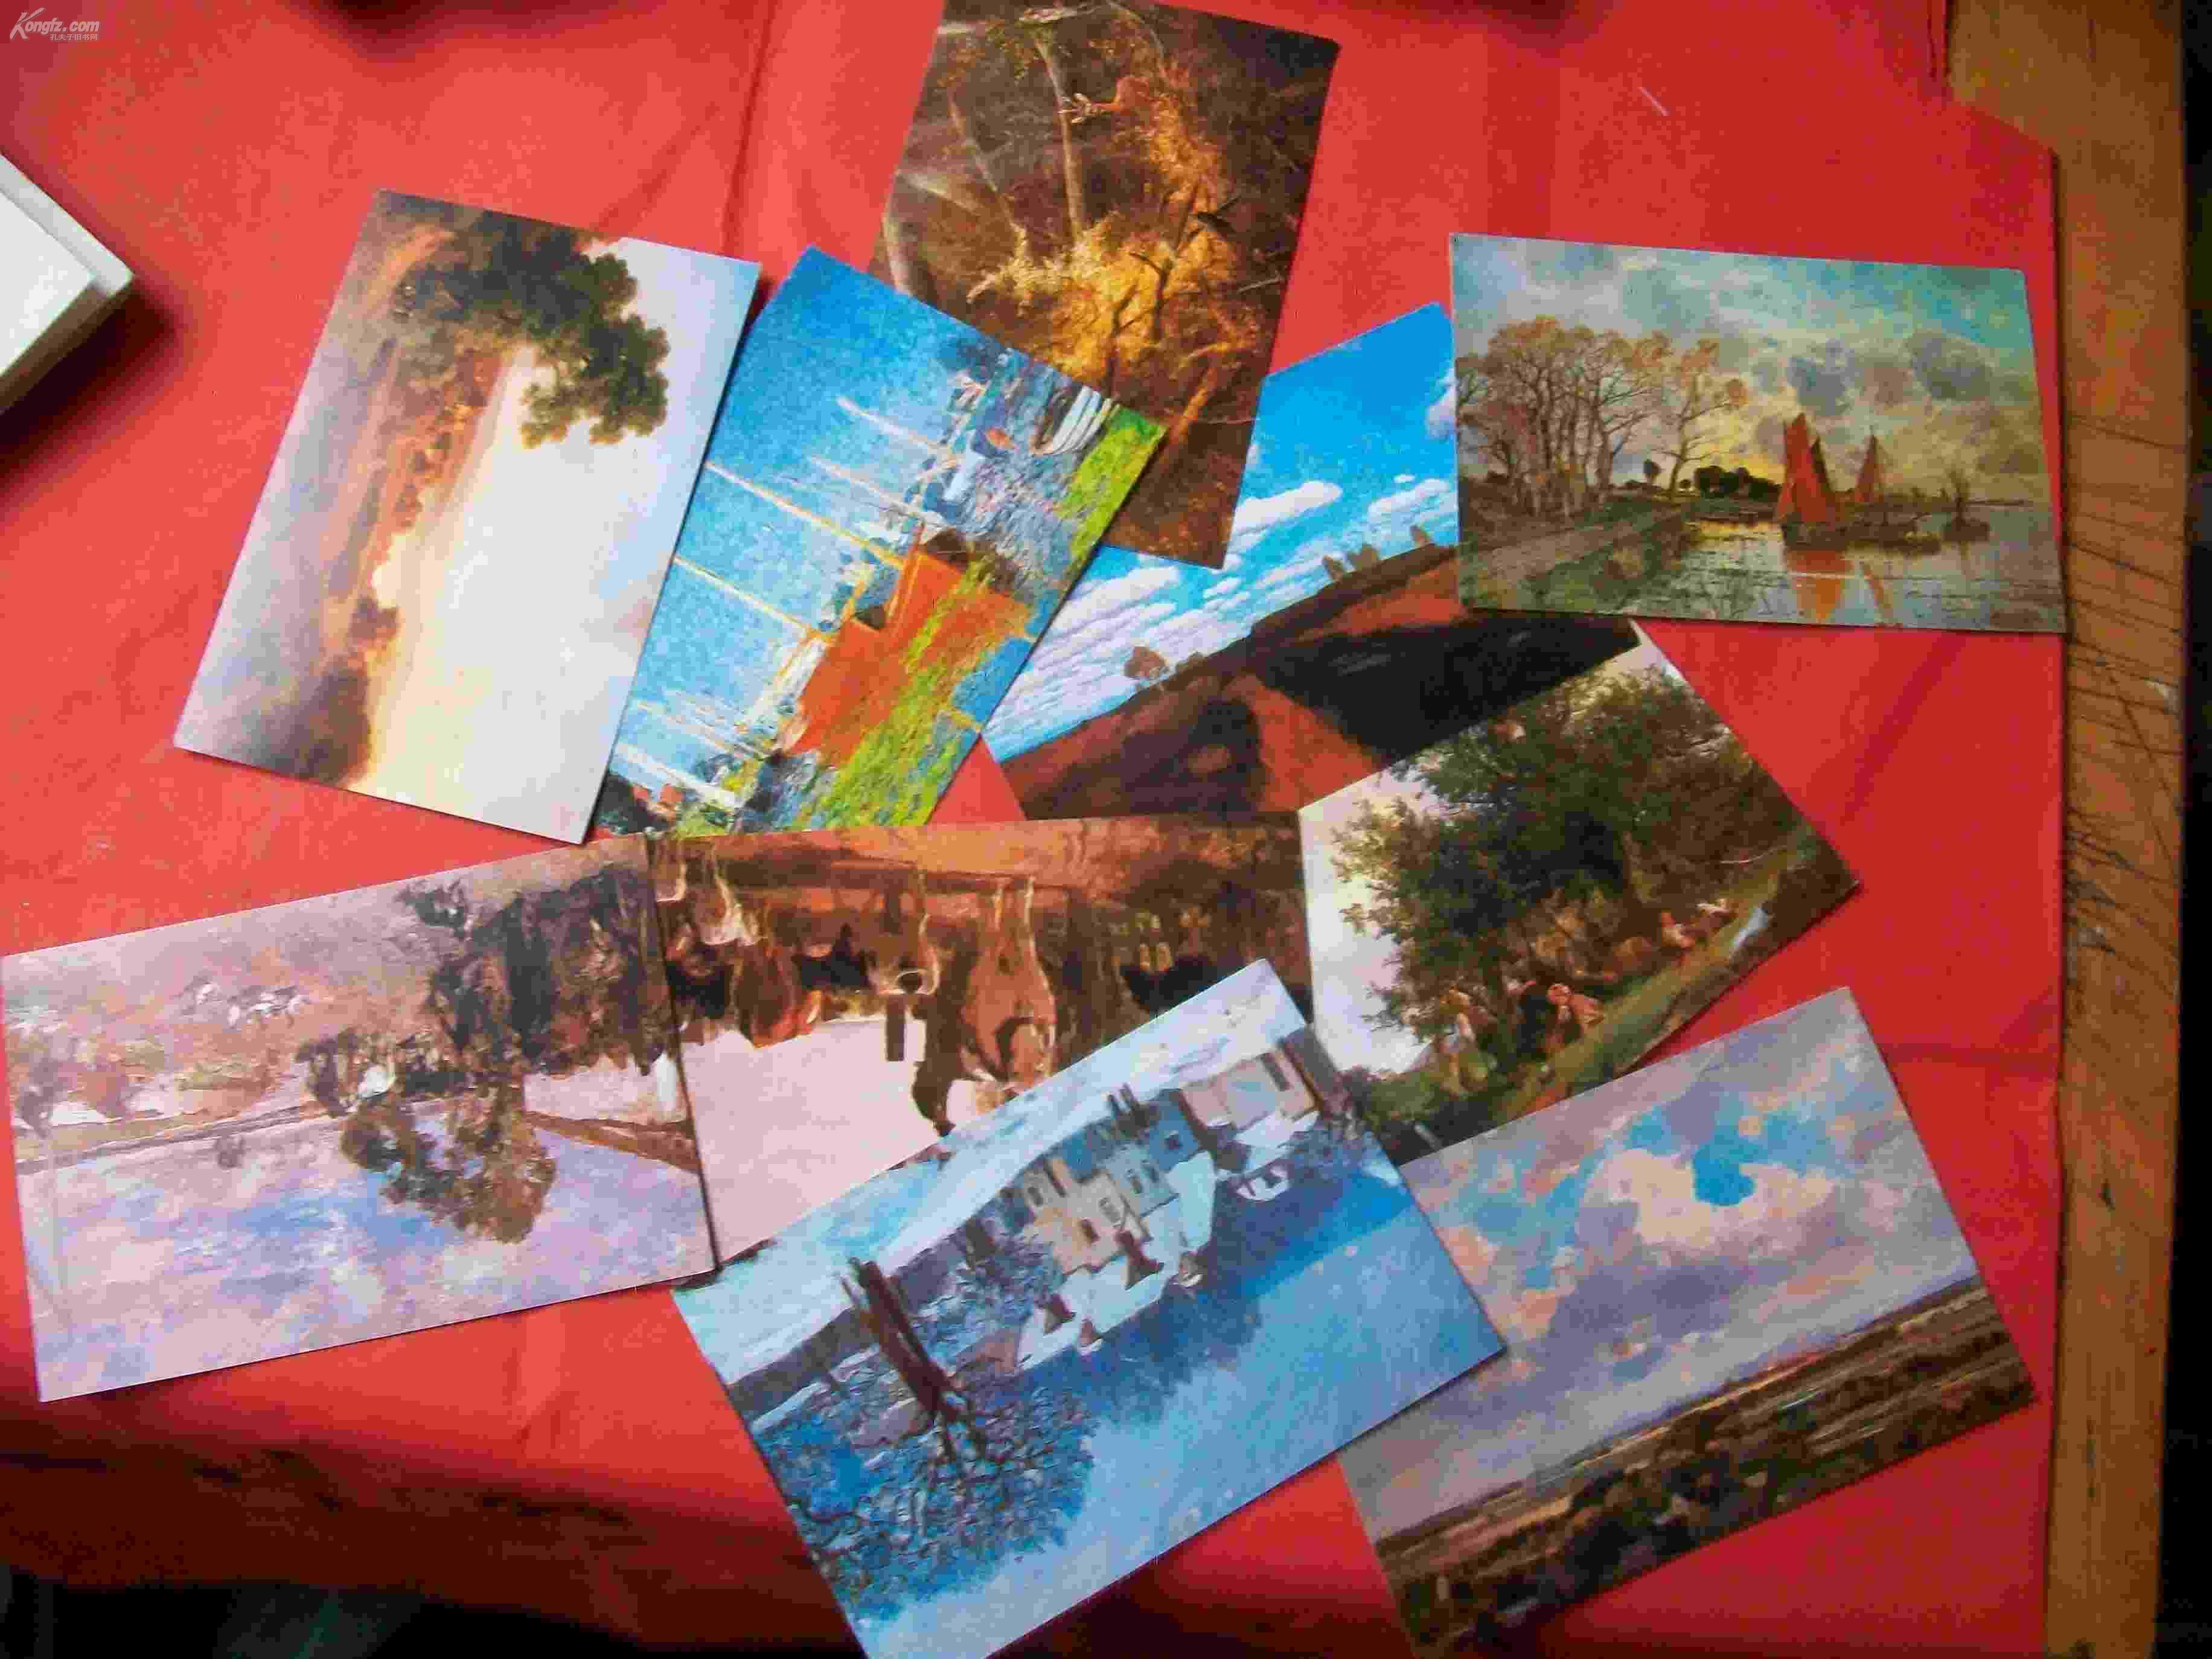 明信片油画风景 拍品编号:4991105